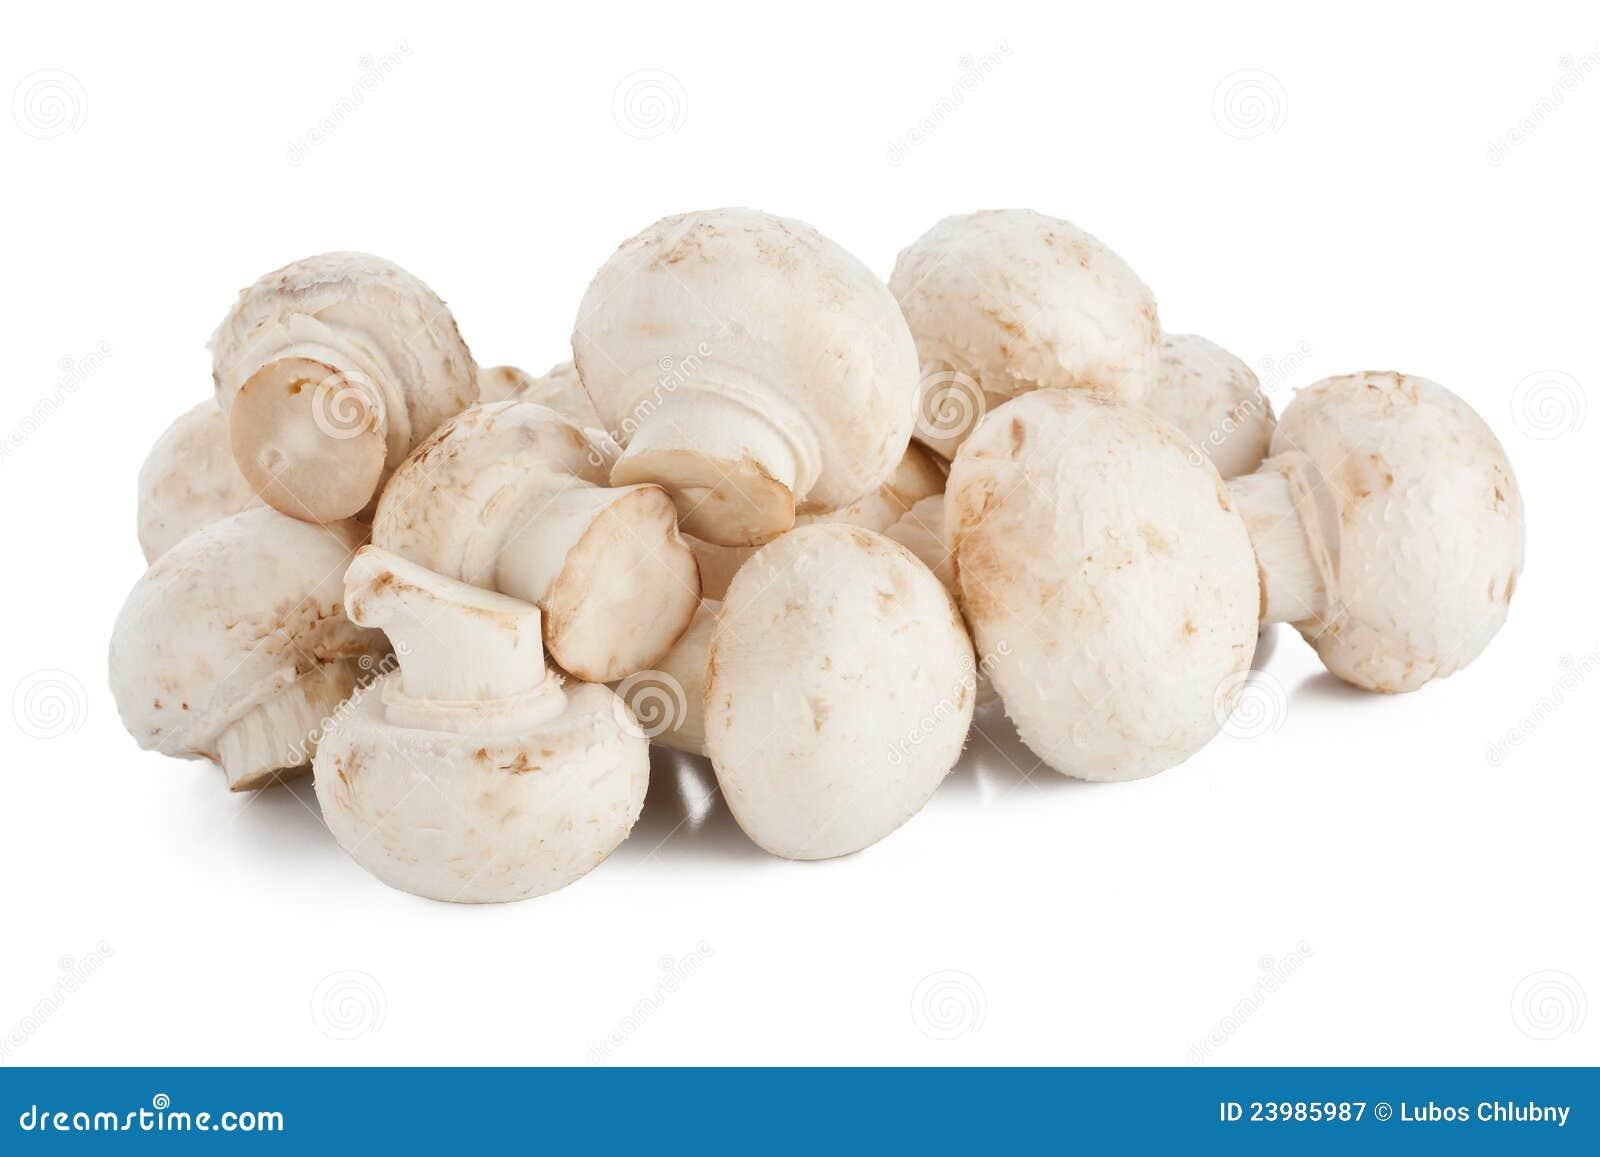 Funghi bianchi